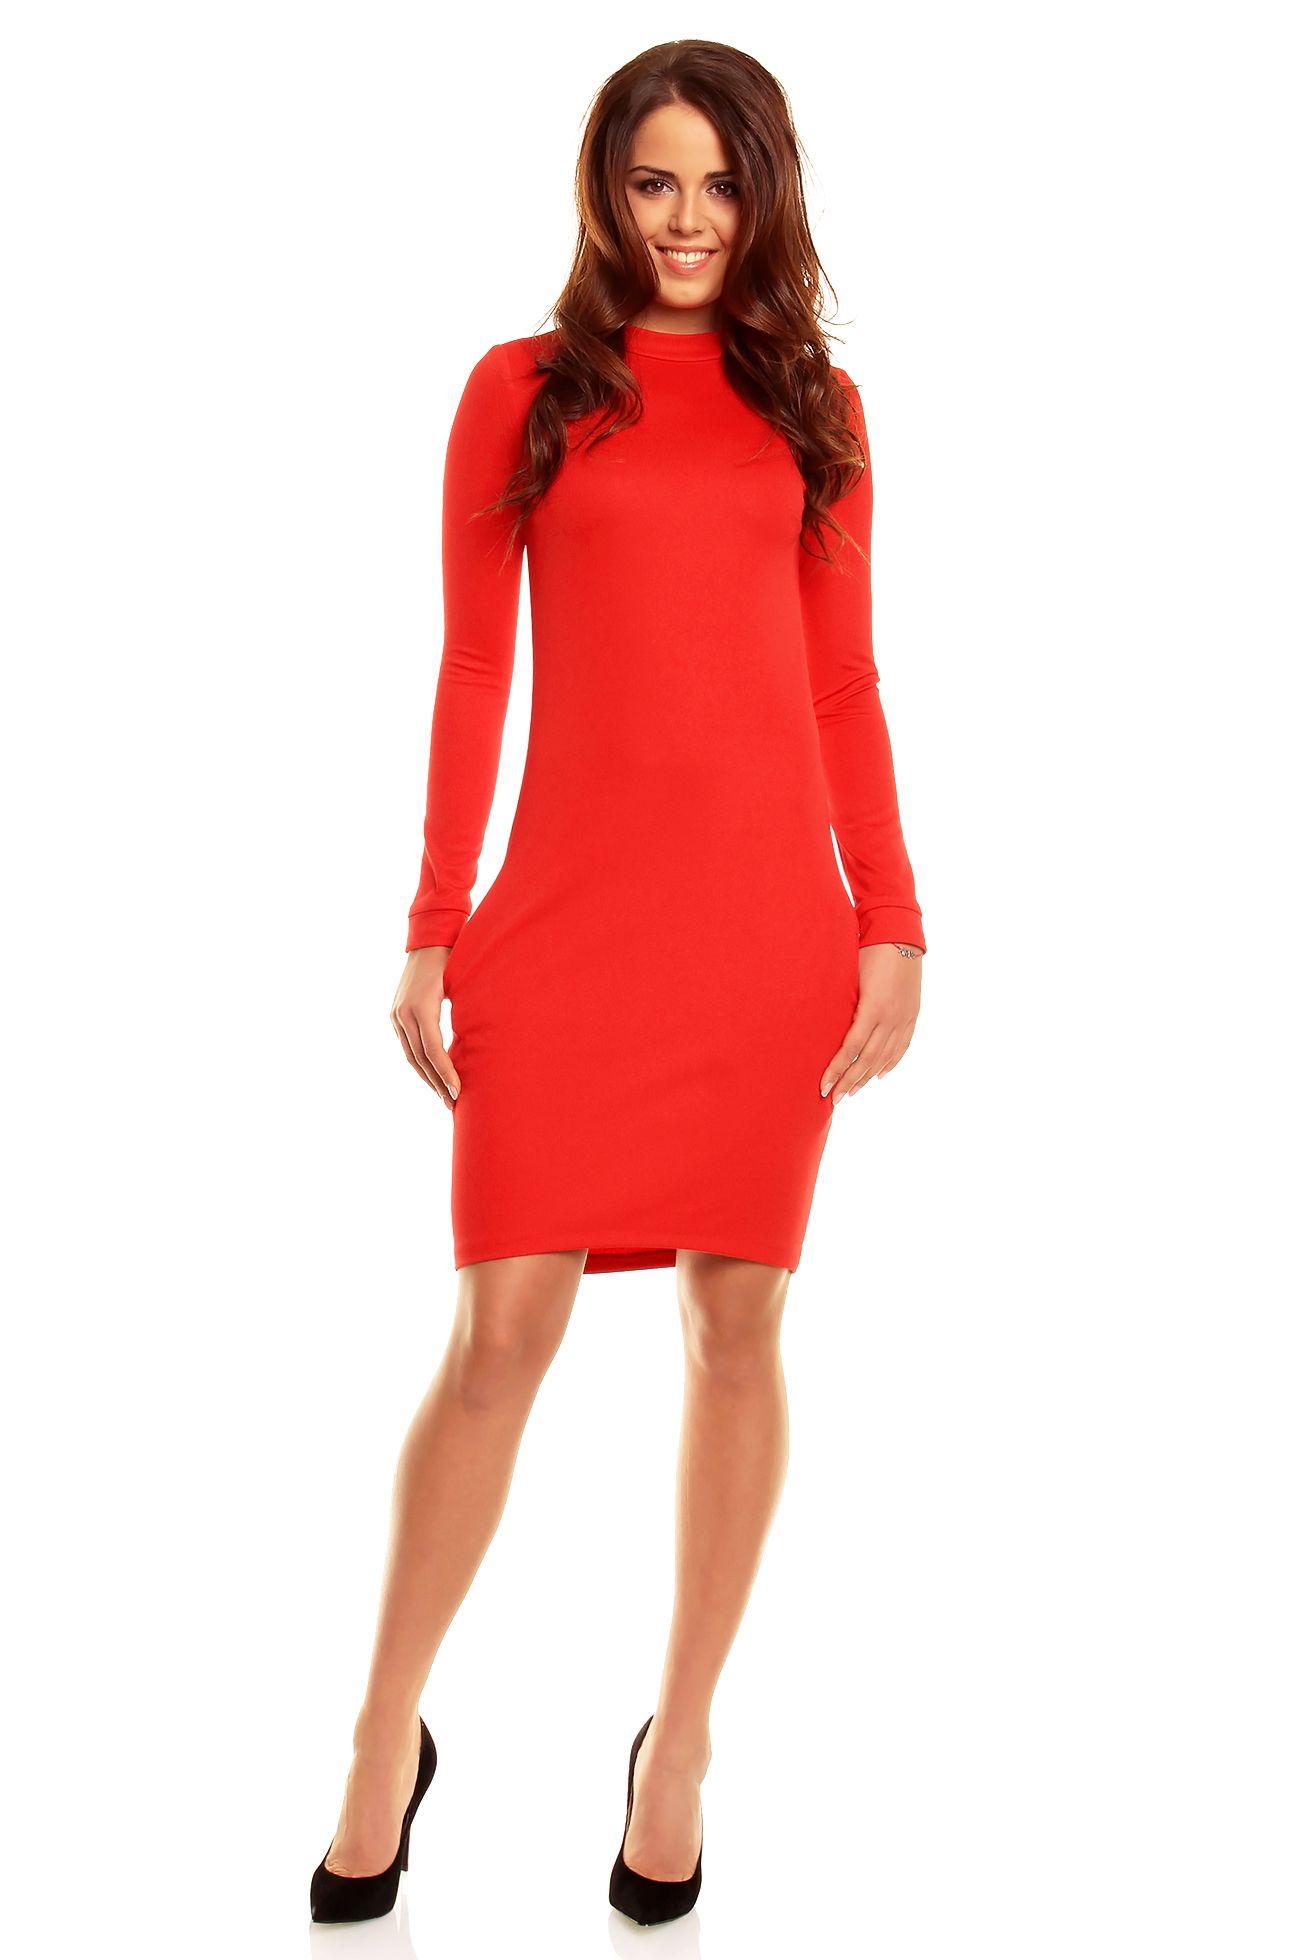 311cc6114b Czerwona gładka sukienka z zabudowanym dekoltem